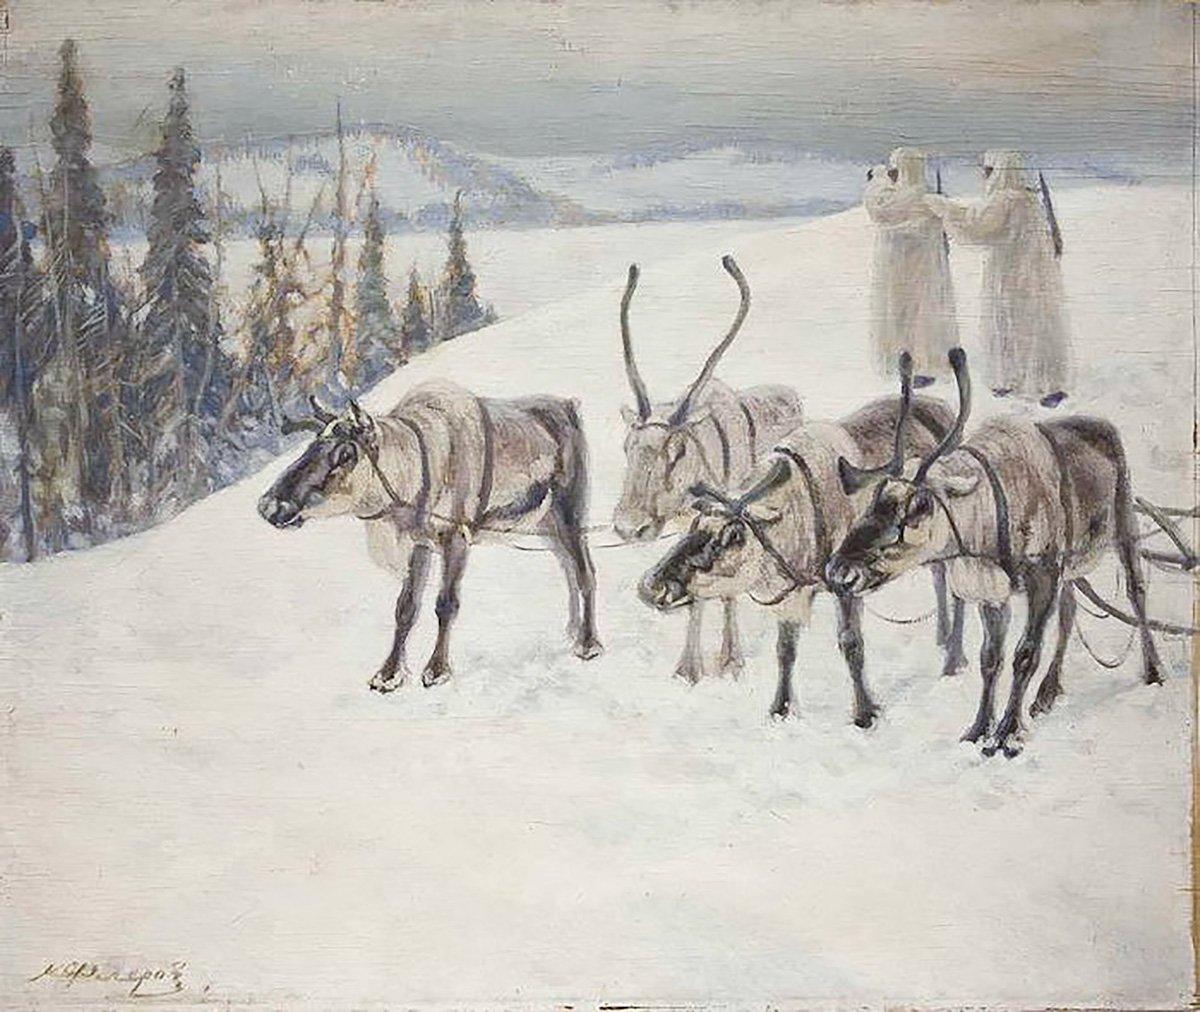 К.Флеров. Северные олени на мурманском фронте. 1942 год